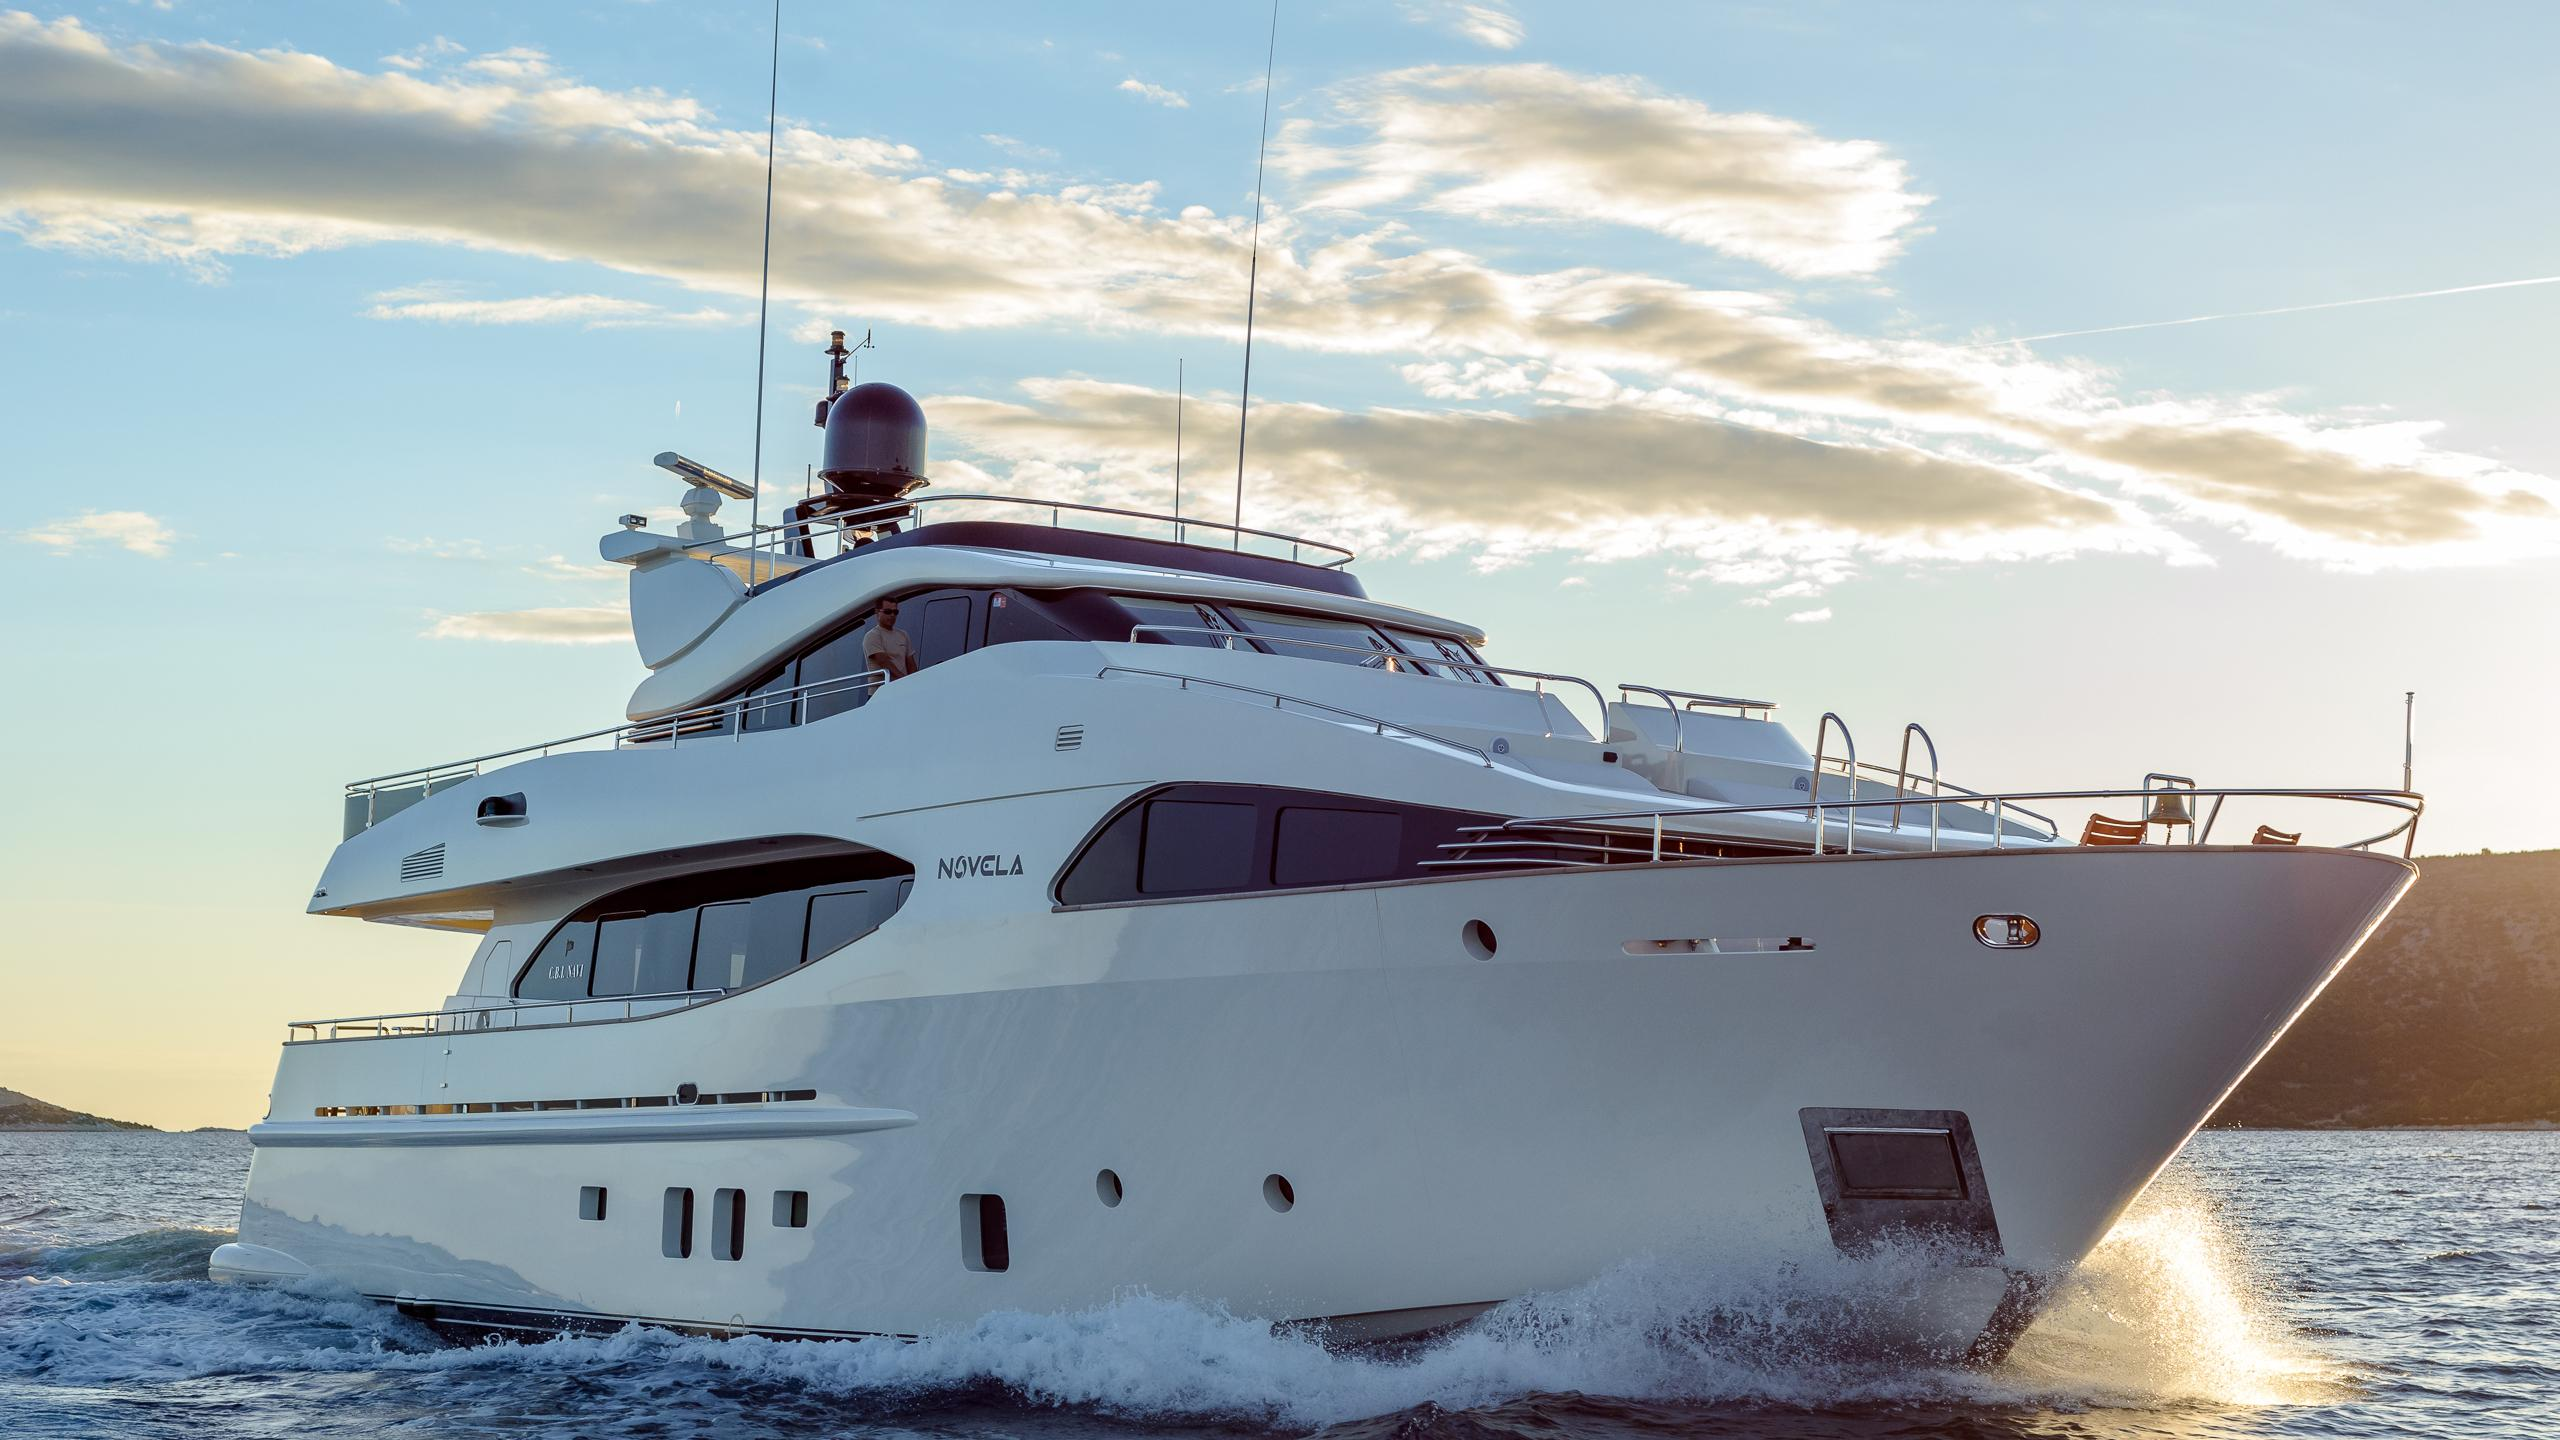 novela-yacht-cruising